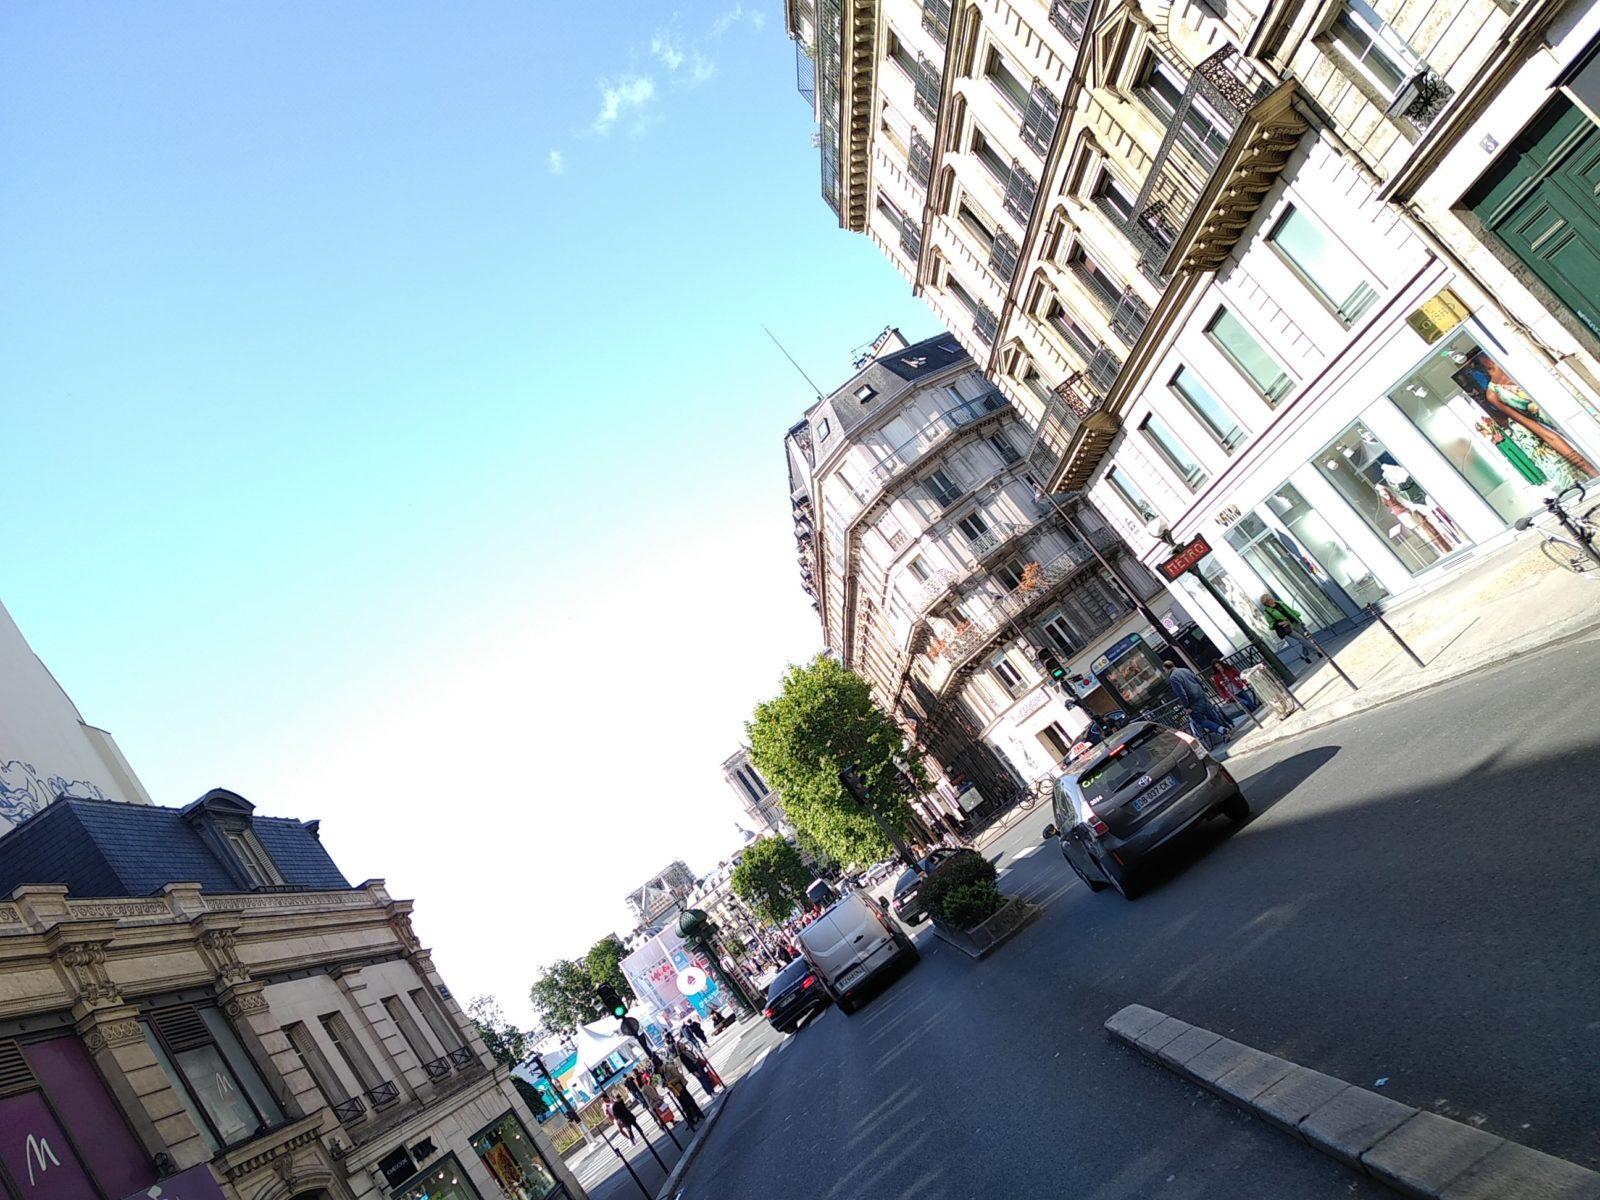 Paris livraison des vins du Clos du Roi AOC Coulanges la Vineuse